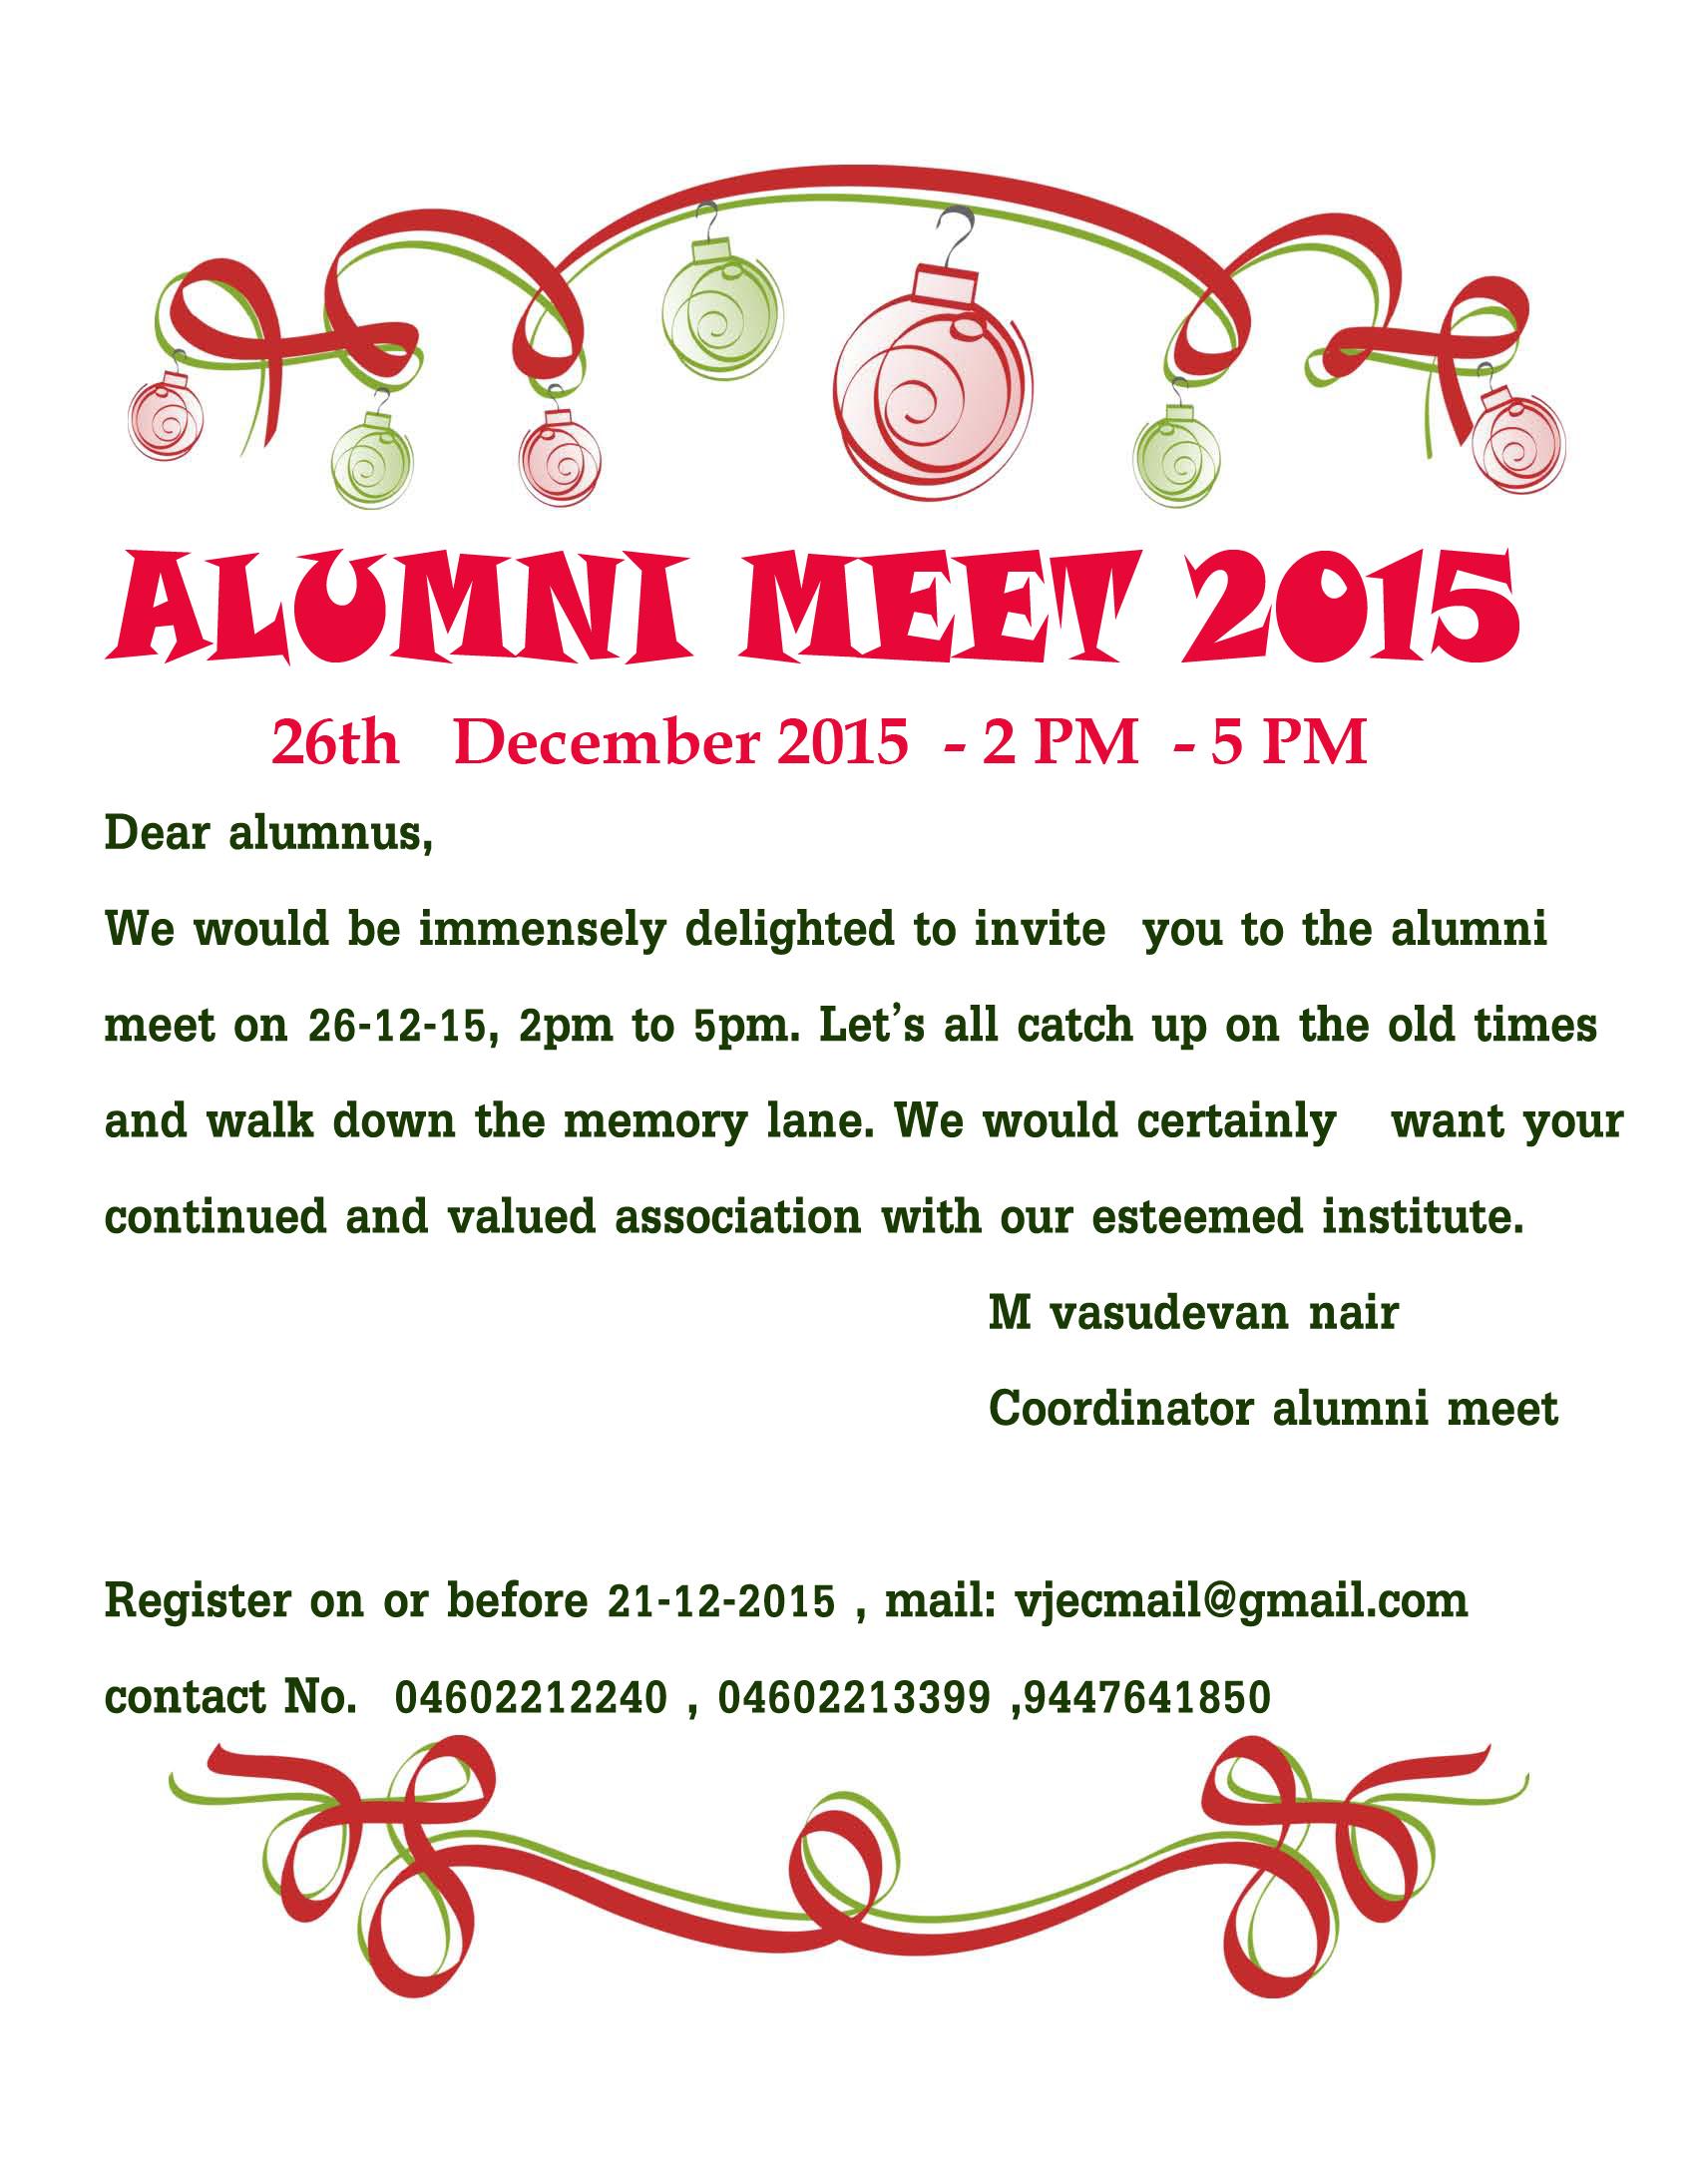 iitk alumni meet bangalore time